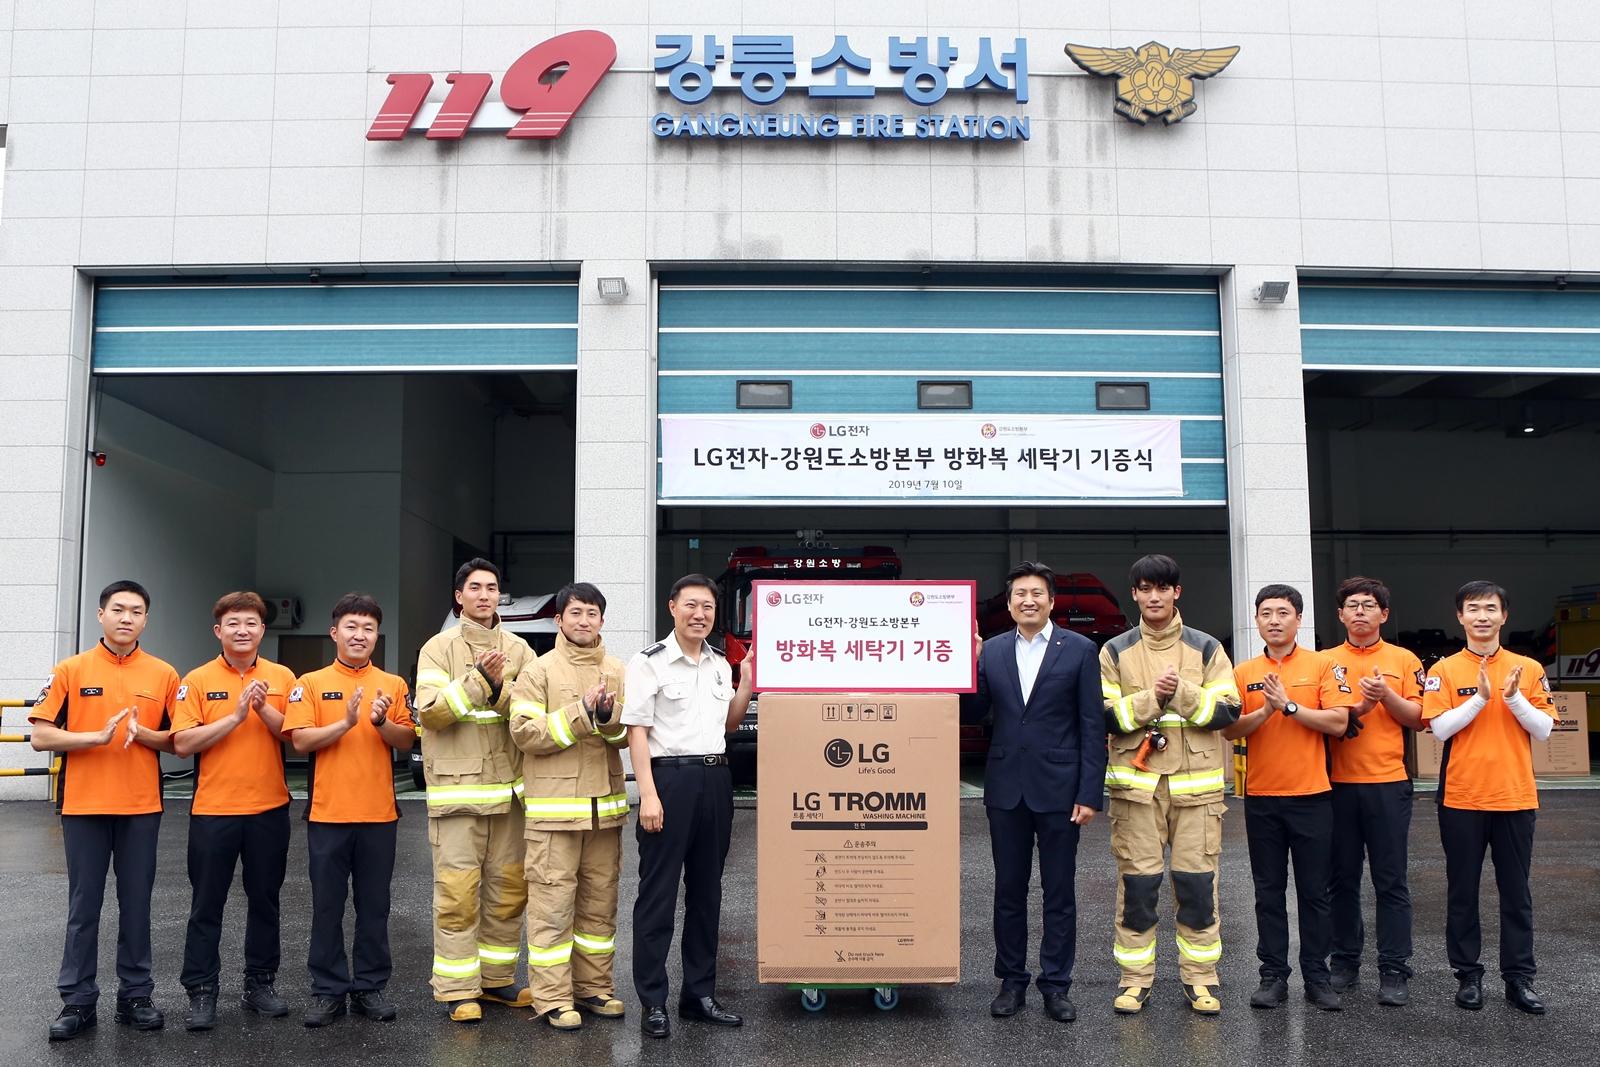 LG전자와 강원도소방본부가 강릉시 홍제동에 위치한 강릉소방서에서 '방화복 세탁기 기증식'을 진행하고 있다.